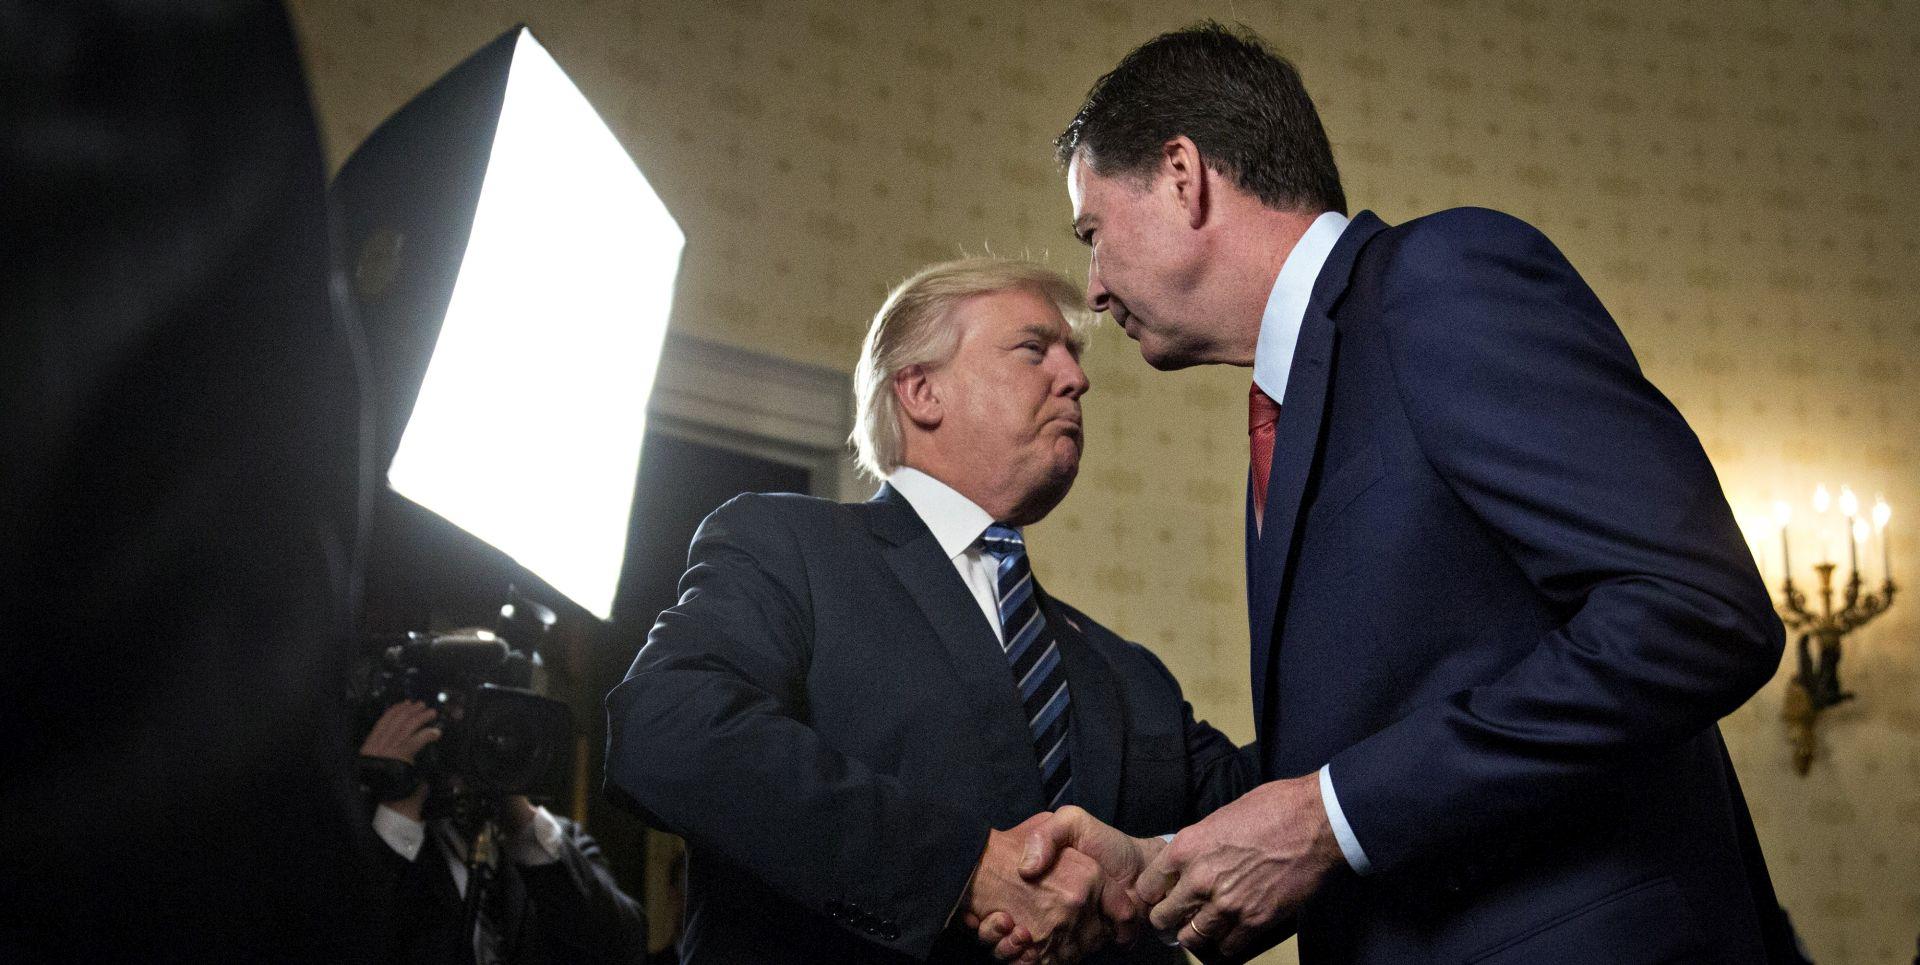 ODVJETNIK 'Trump ipak nije pod istragom'